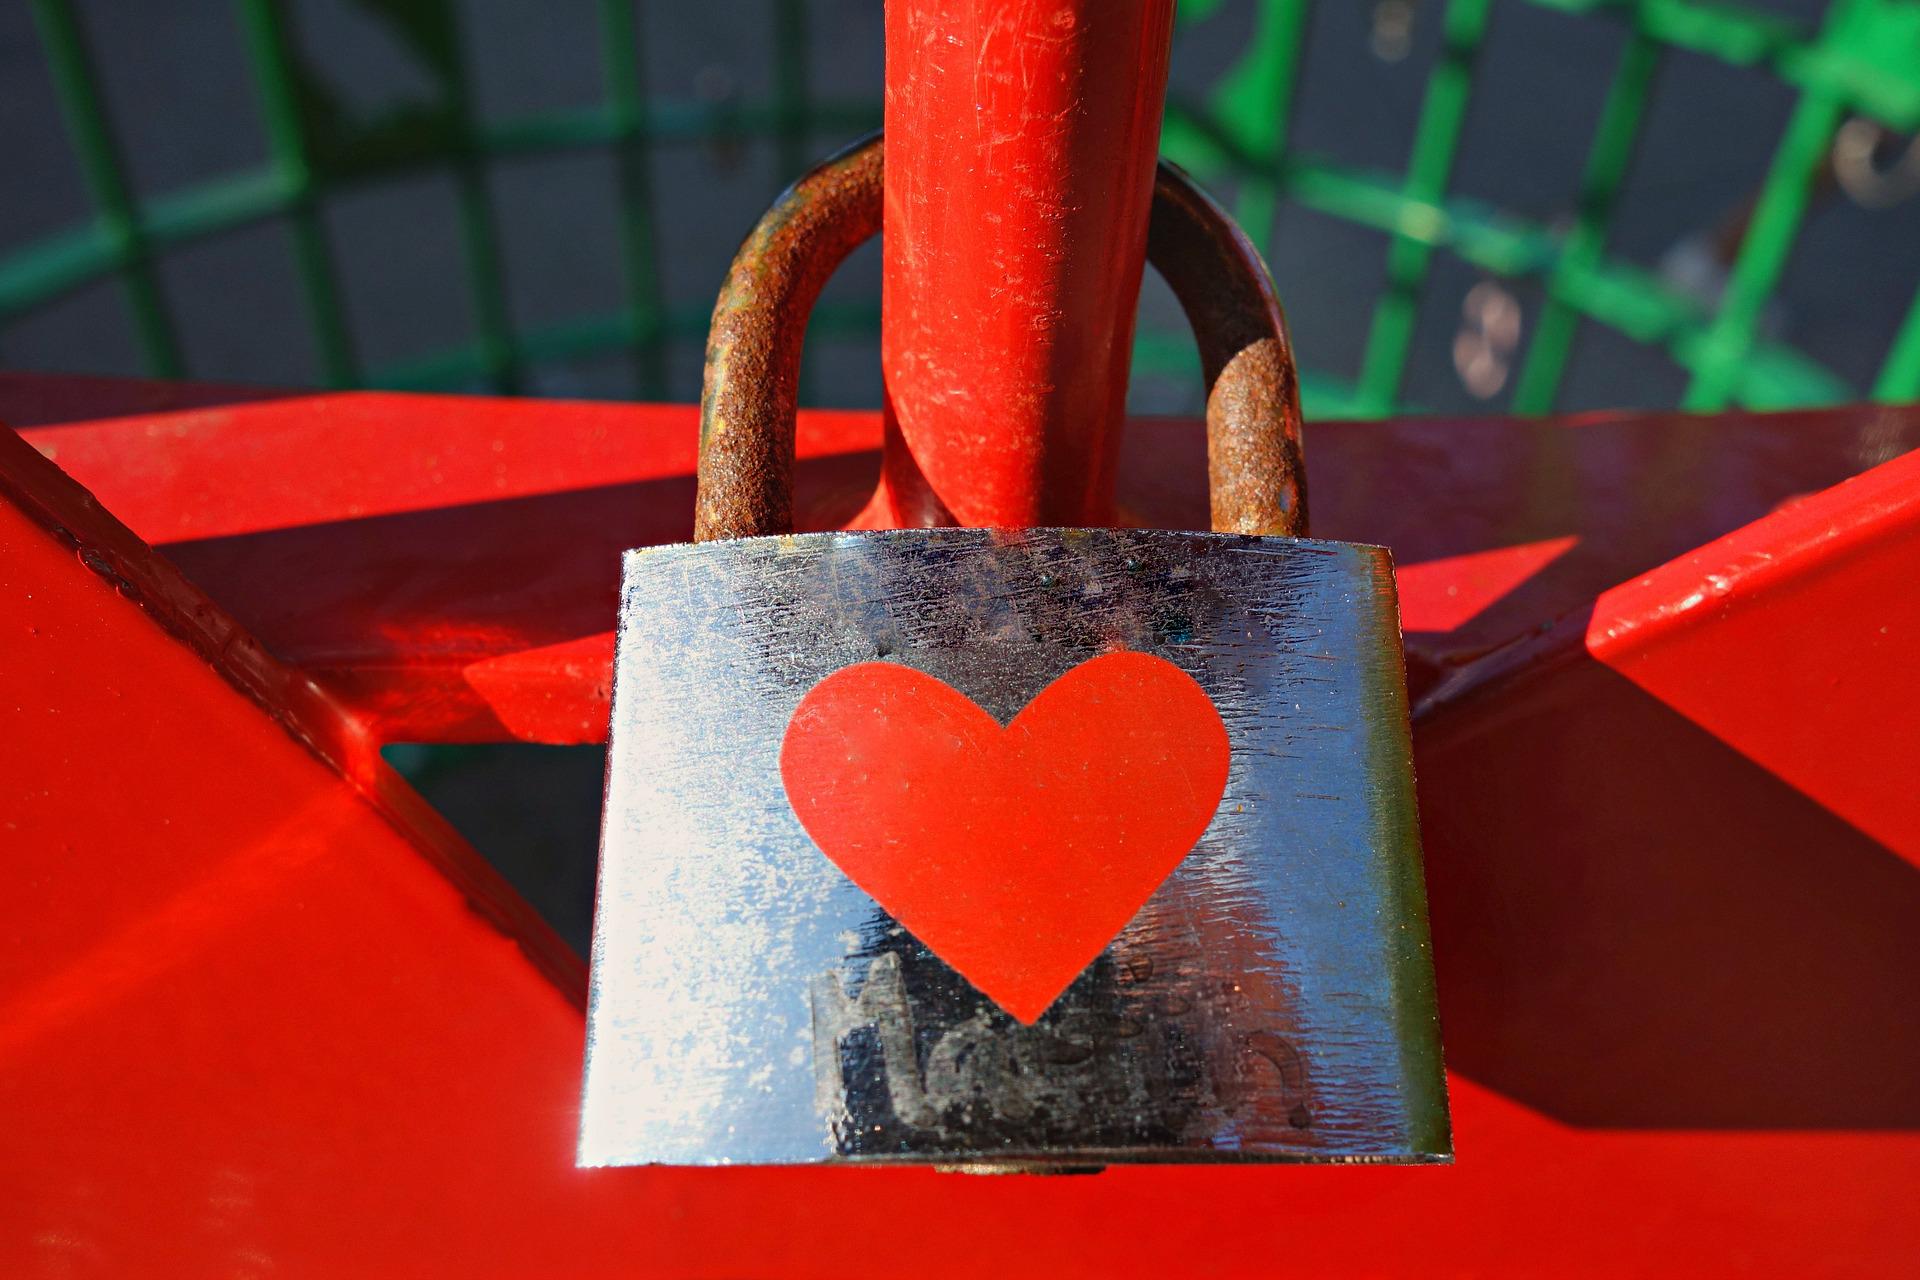 Liebe ist nicht käuflich – verkaufen Sie stattdessen Romantik